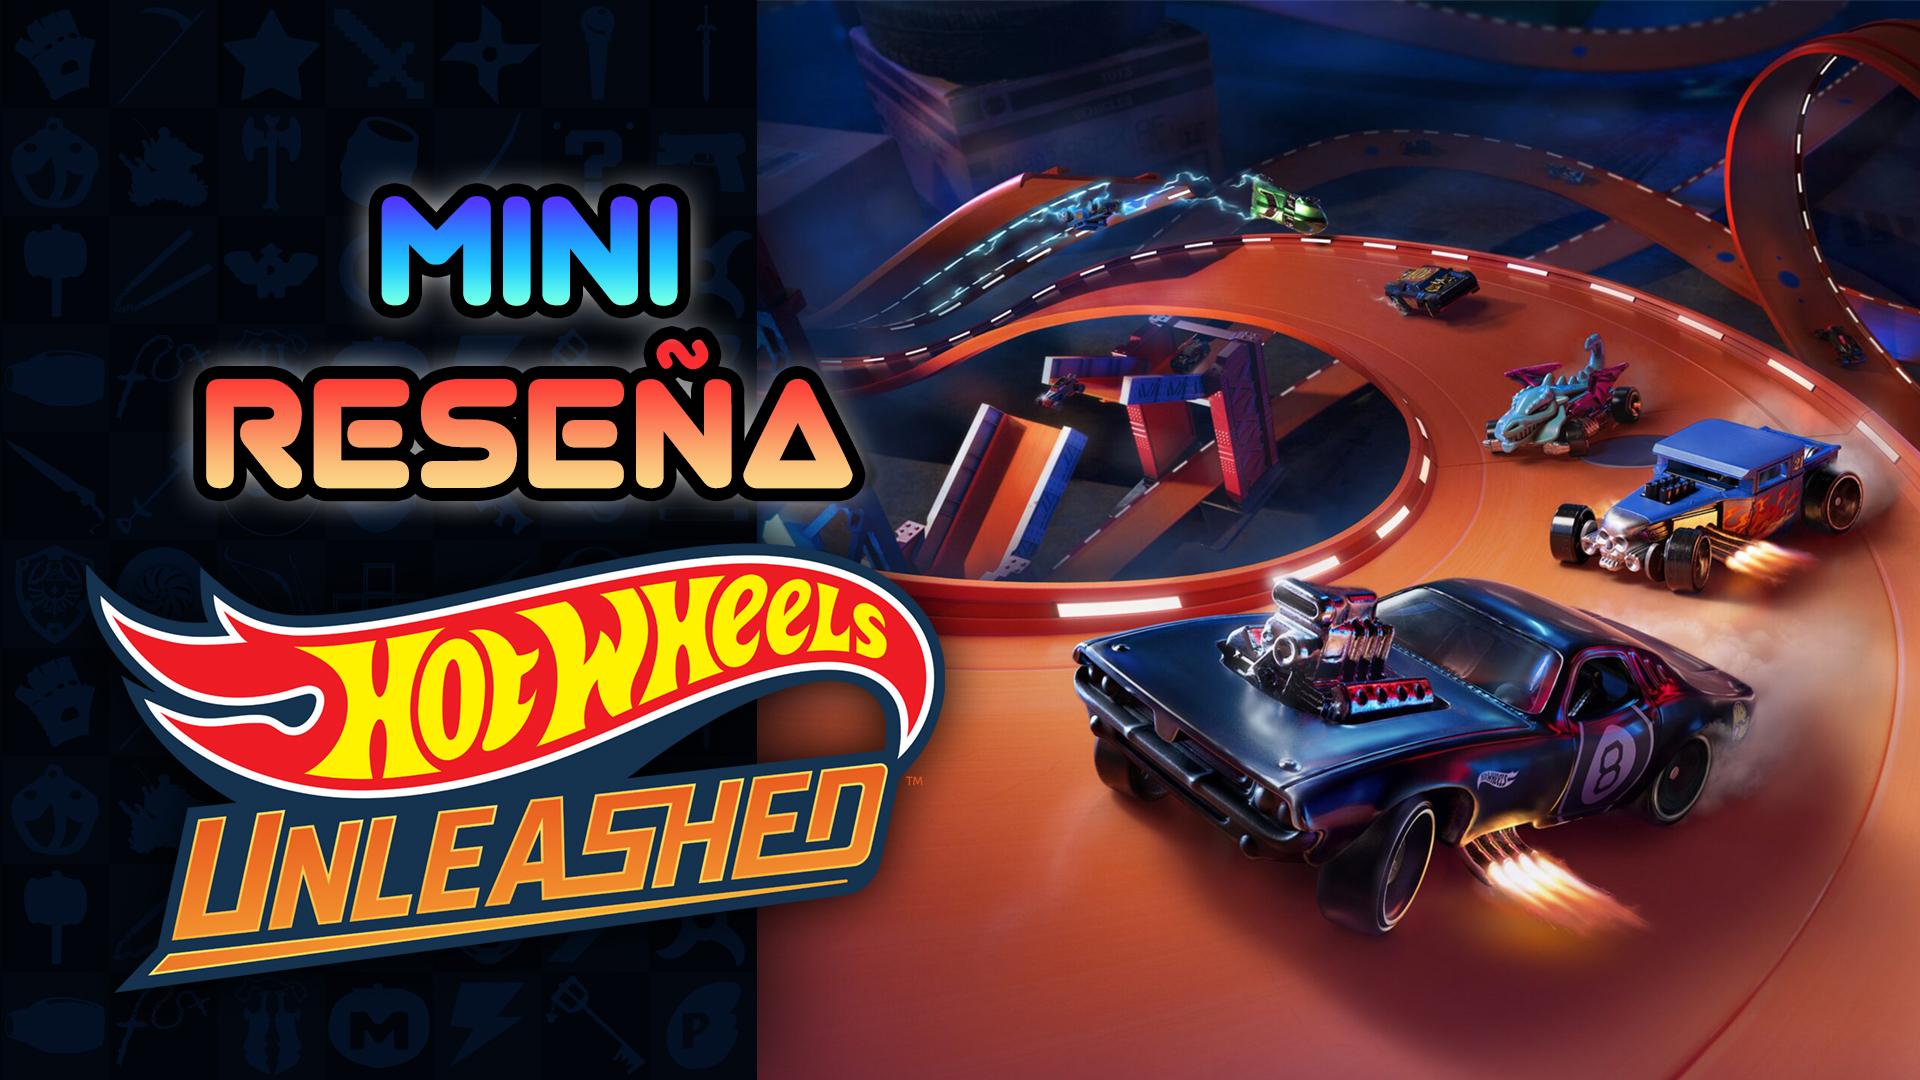 Mini Reseña Hot Wheels Unleashed – Cochecitos a Todo Gas